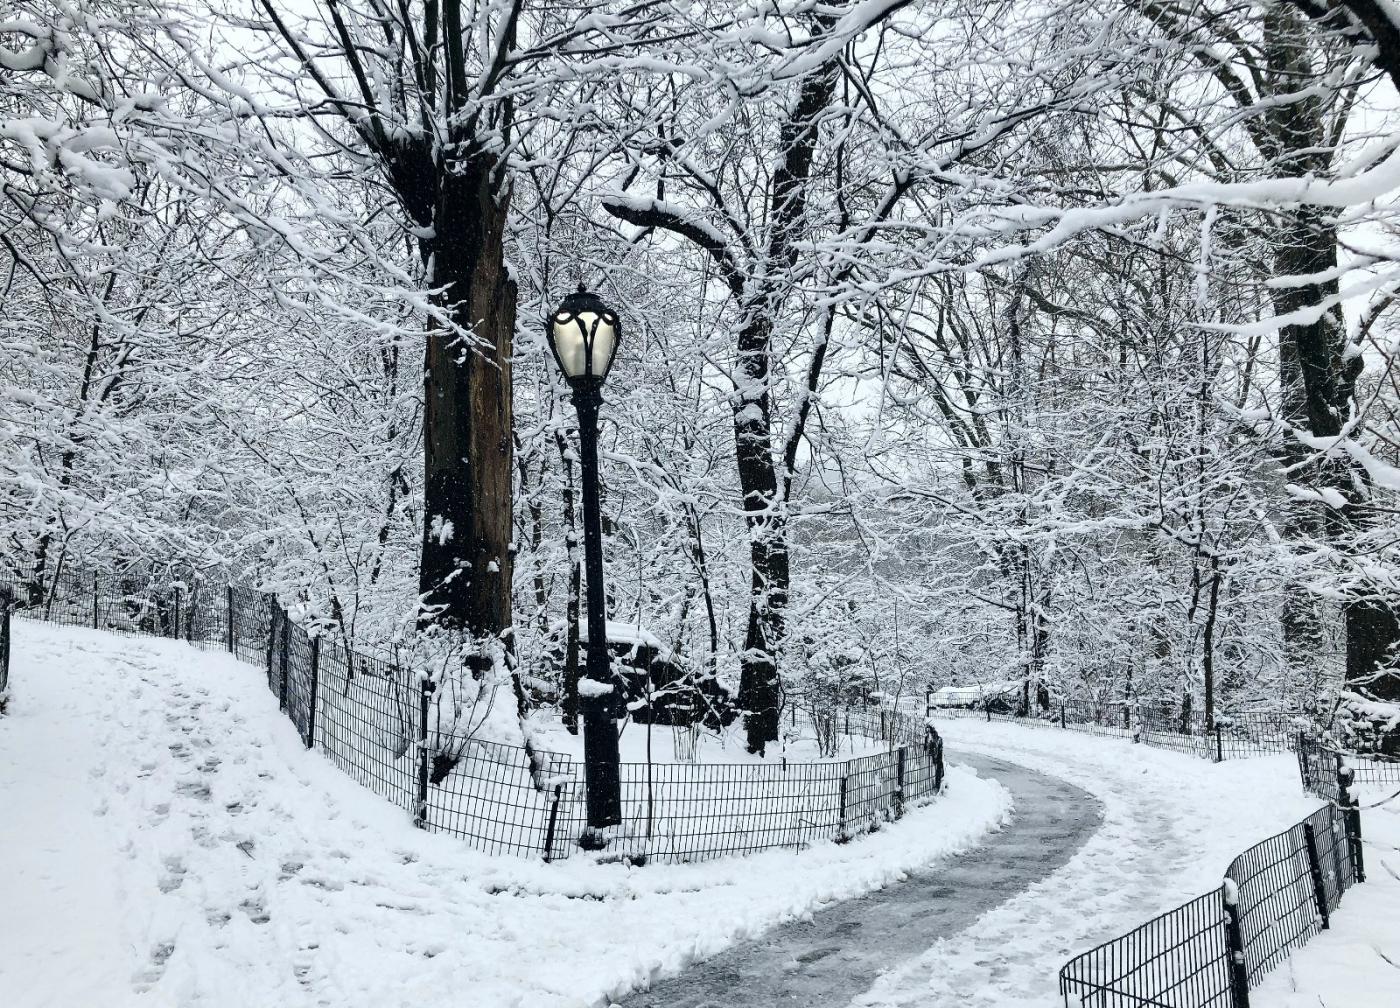 【田螺手机摄影】纽约雪景、还是中央公园最漂亮[二]_图1-16